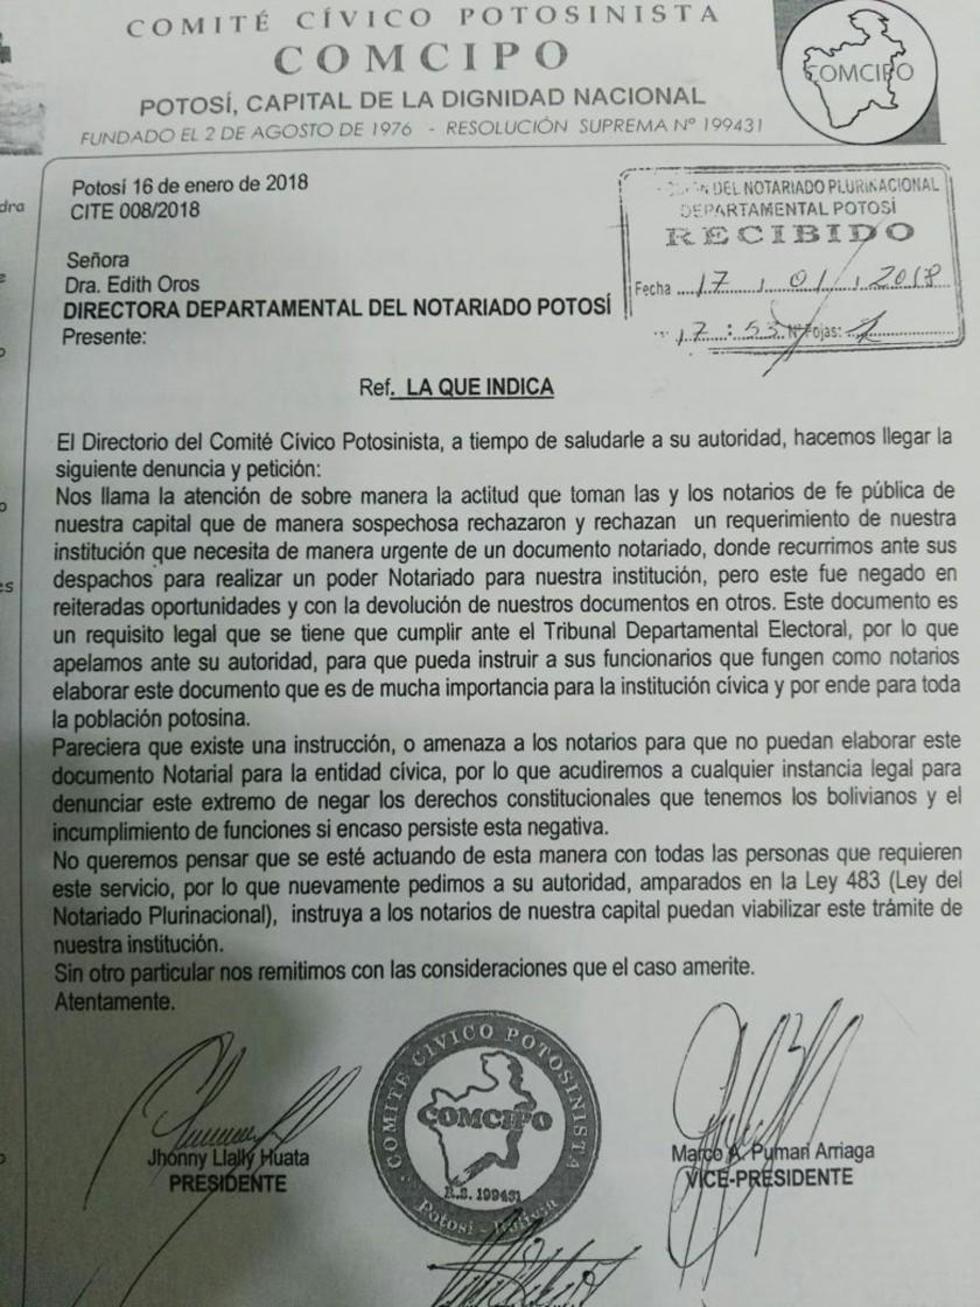 La denuncia de Comcipo y la respuesta de la directora del notariado.